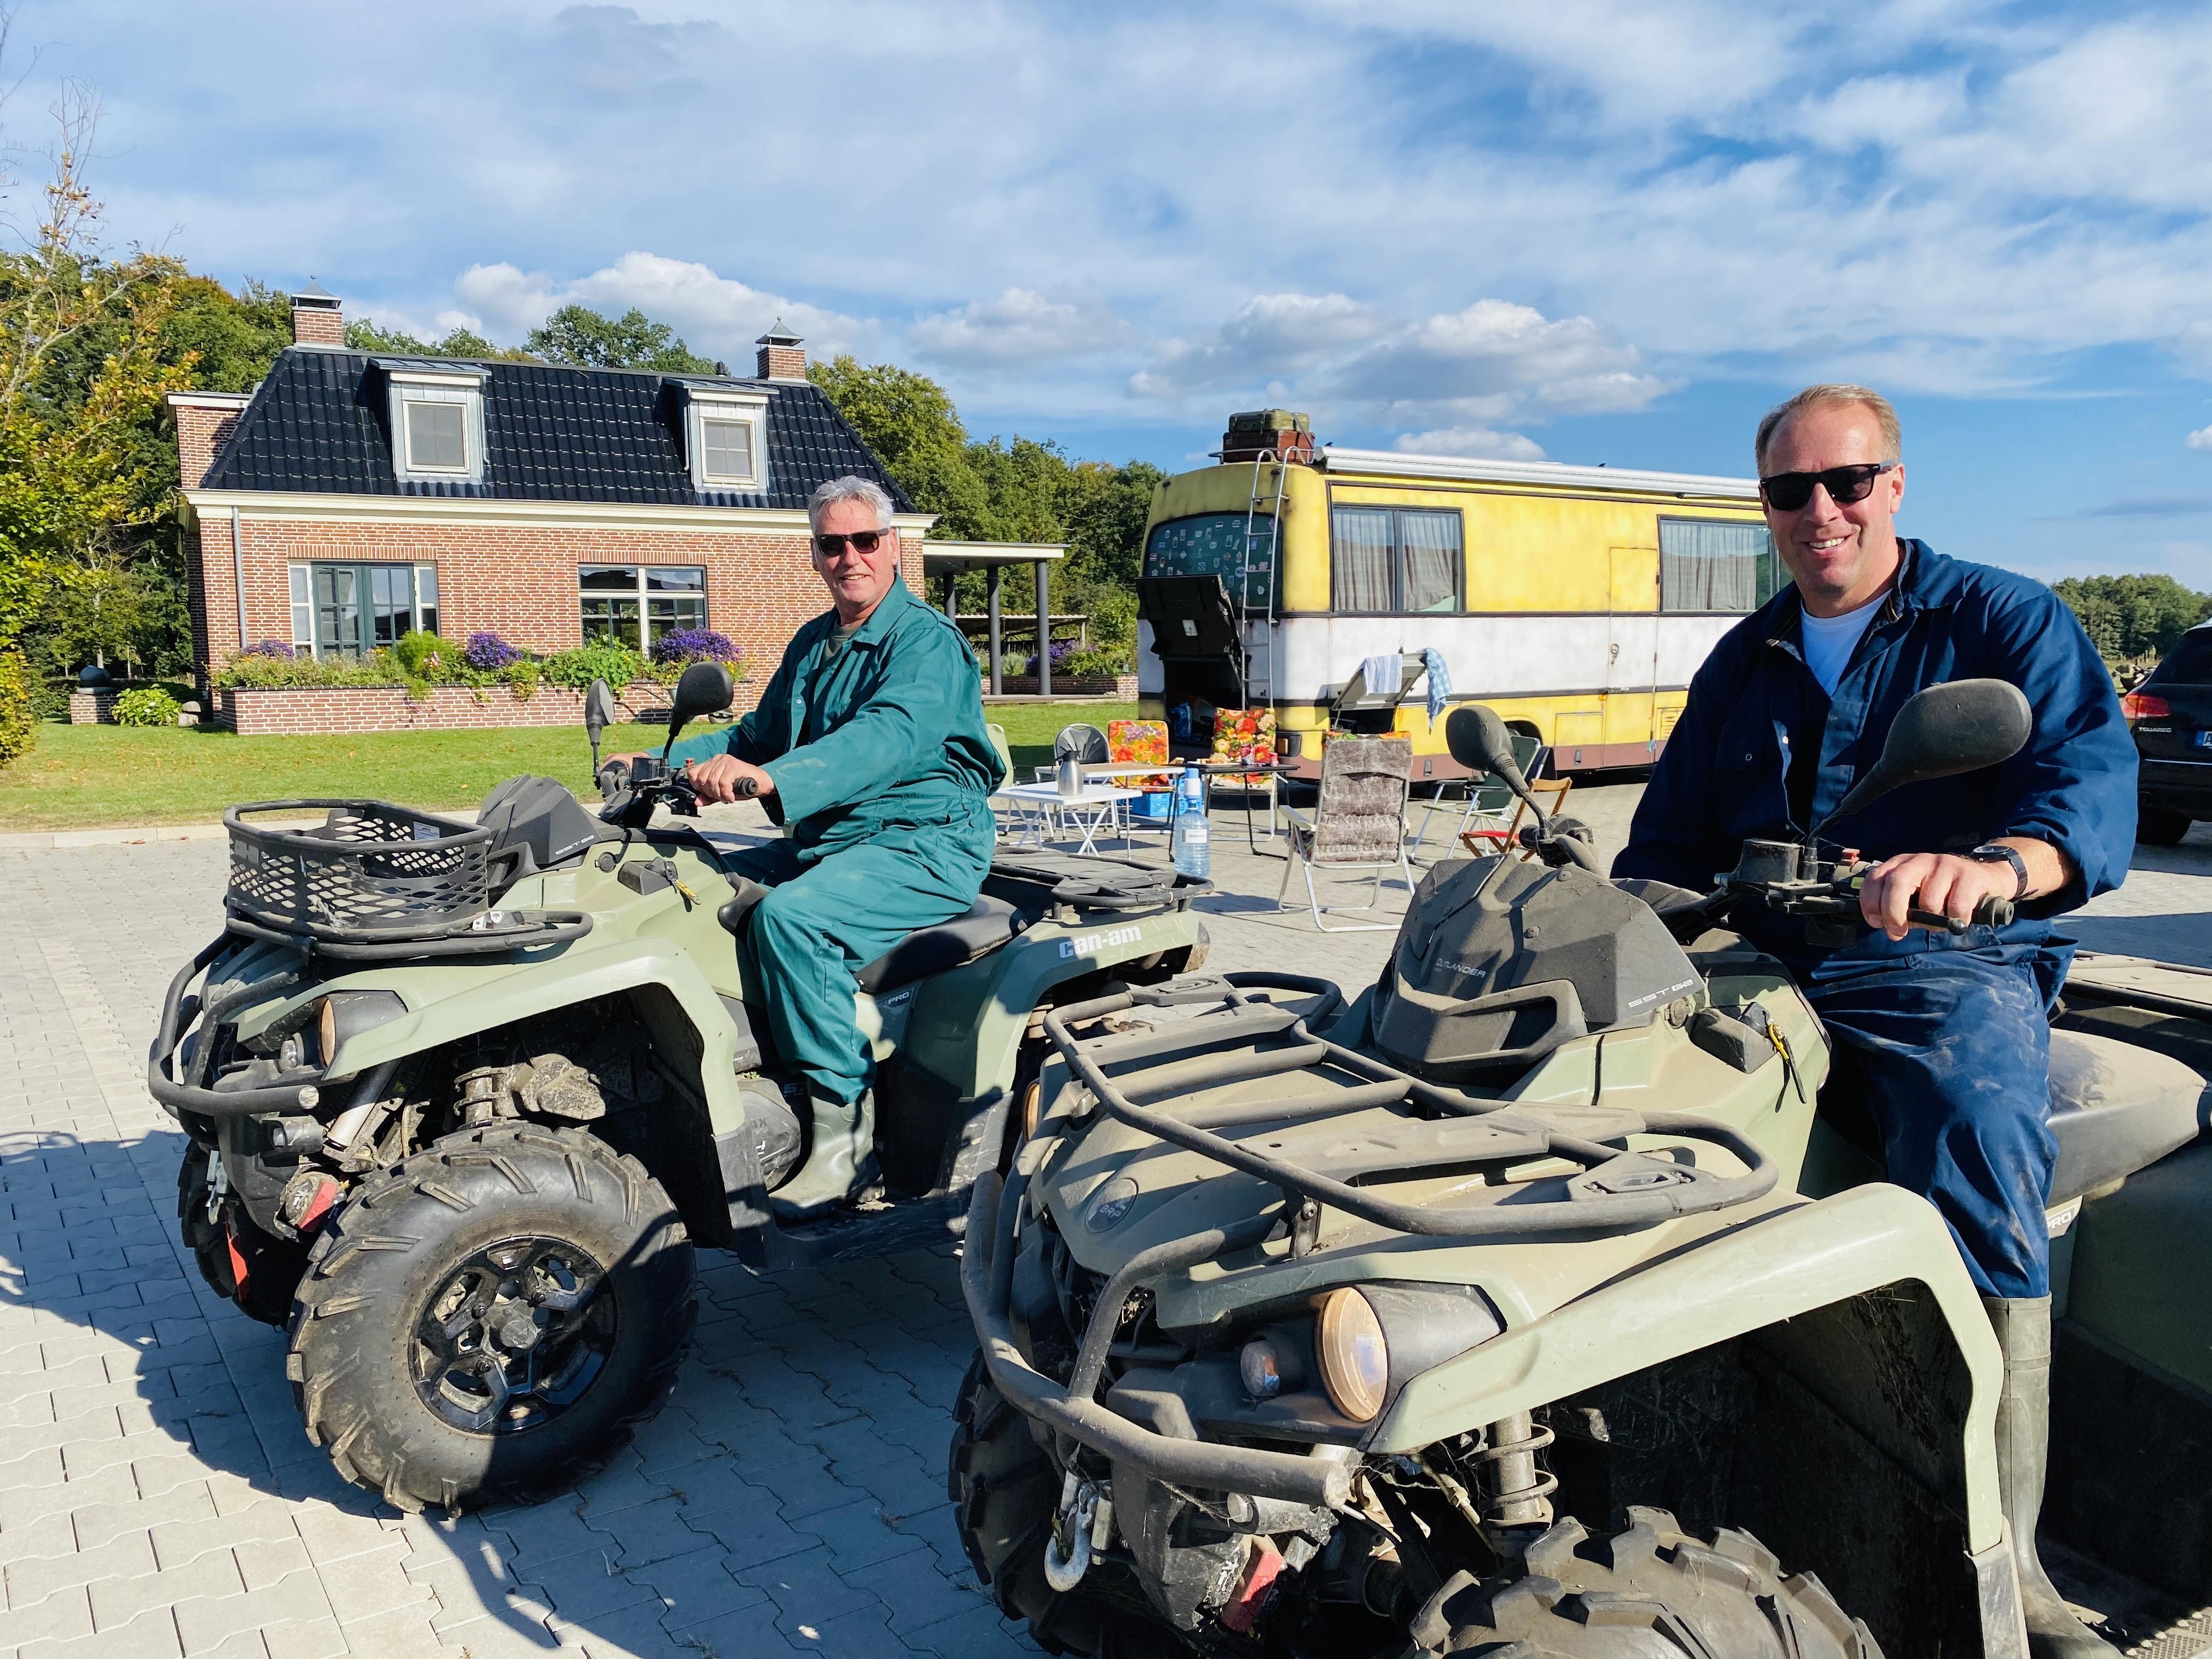 Yvon Jaspers biedt Nibbikers kijkje in het leven van oud-dorpsgenoten die hun agrarische geluk in Oost-Duitsland zochten. 'Leuk om zoveel reacties uit West-Friesland te krijgen', zegt geitenboer Jan de Vries